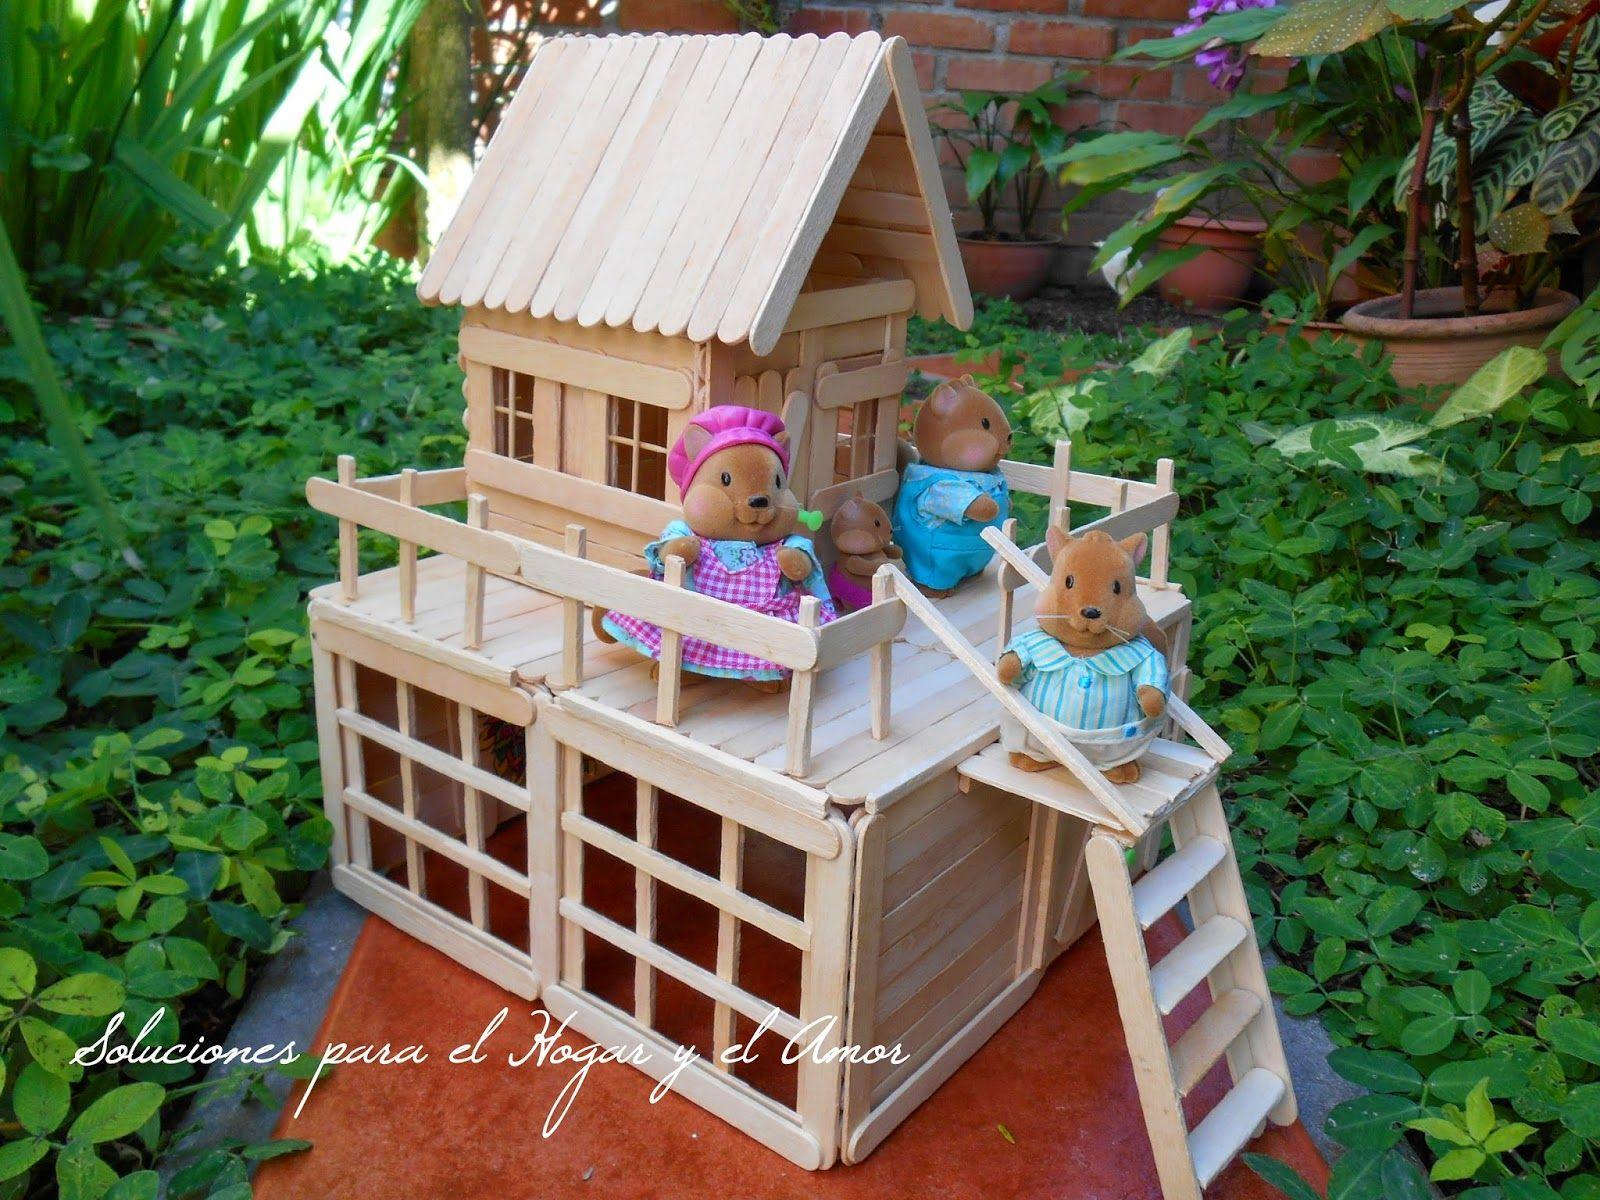 Como hacer casas con palitos de madera buscar con google - Casa de madera ...